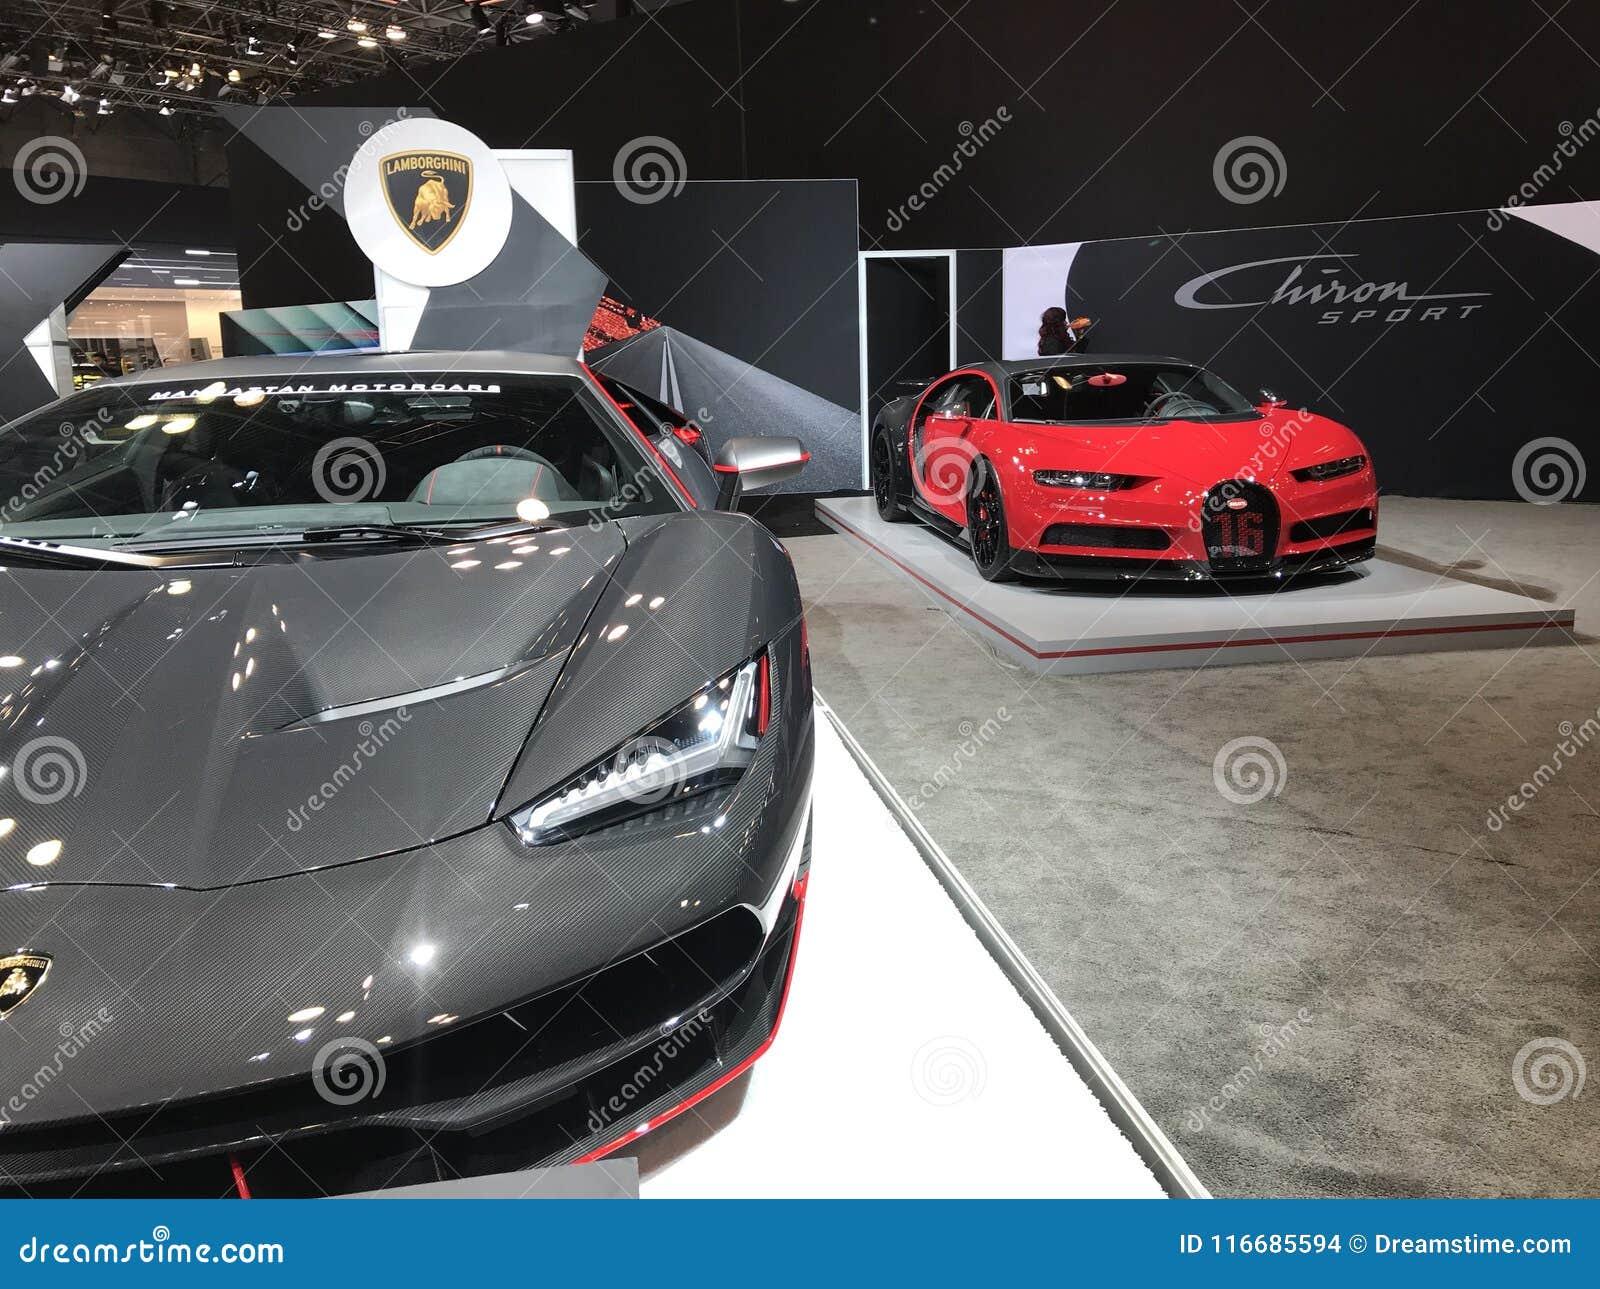 Lamborghini Centenario Bugatti Chiron Sport Editorial Stock Image